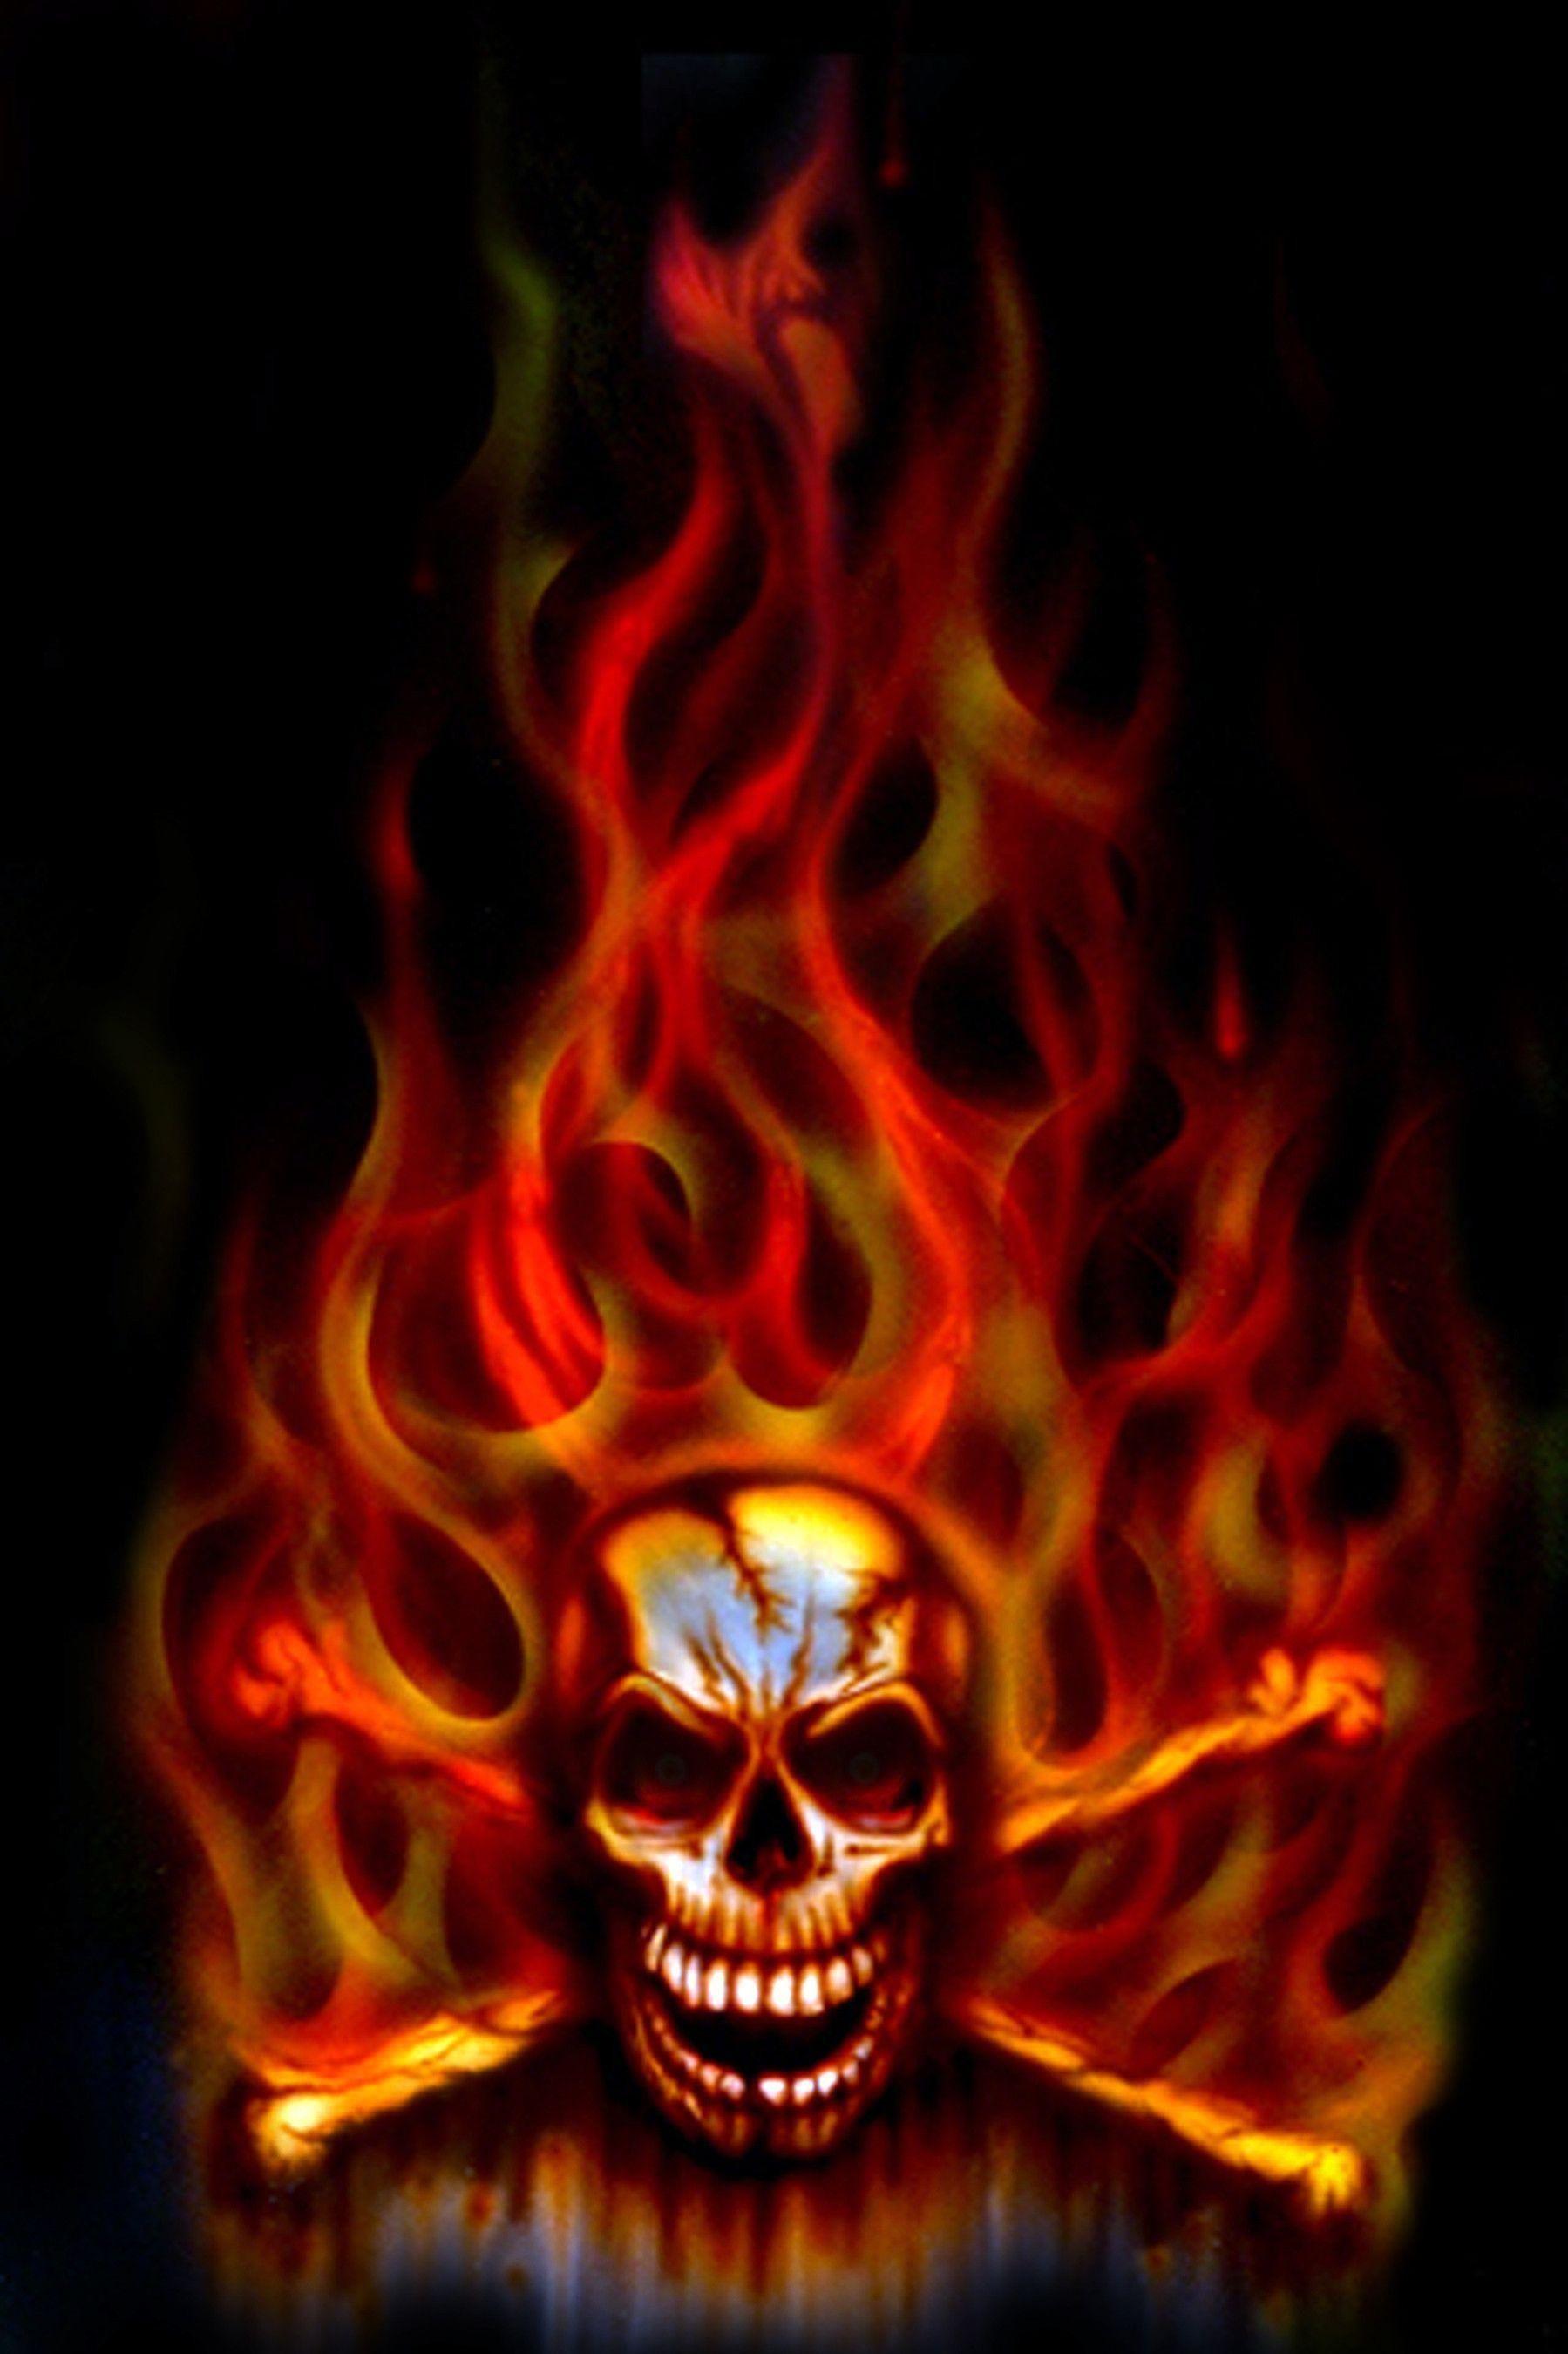 Skull Wallpapers for D...